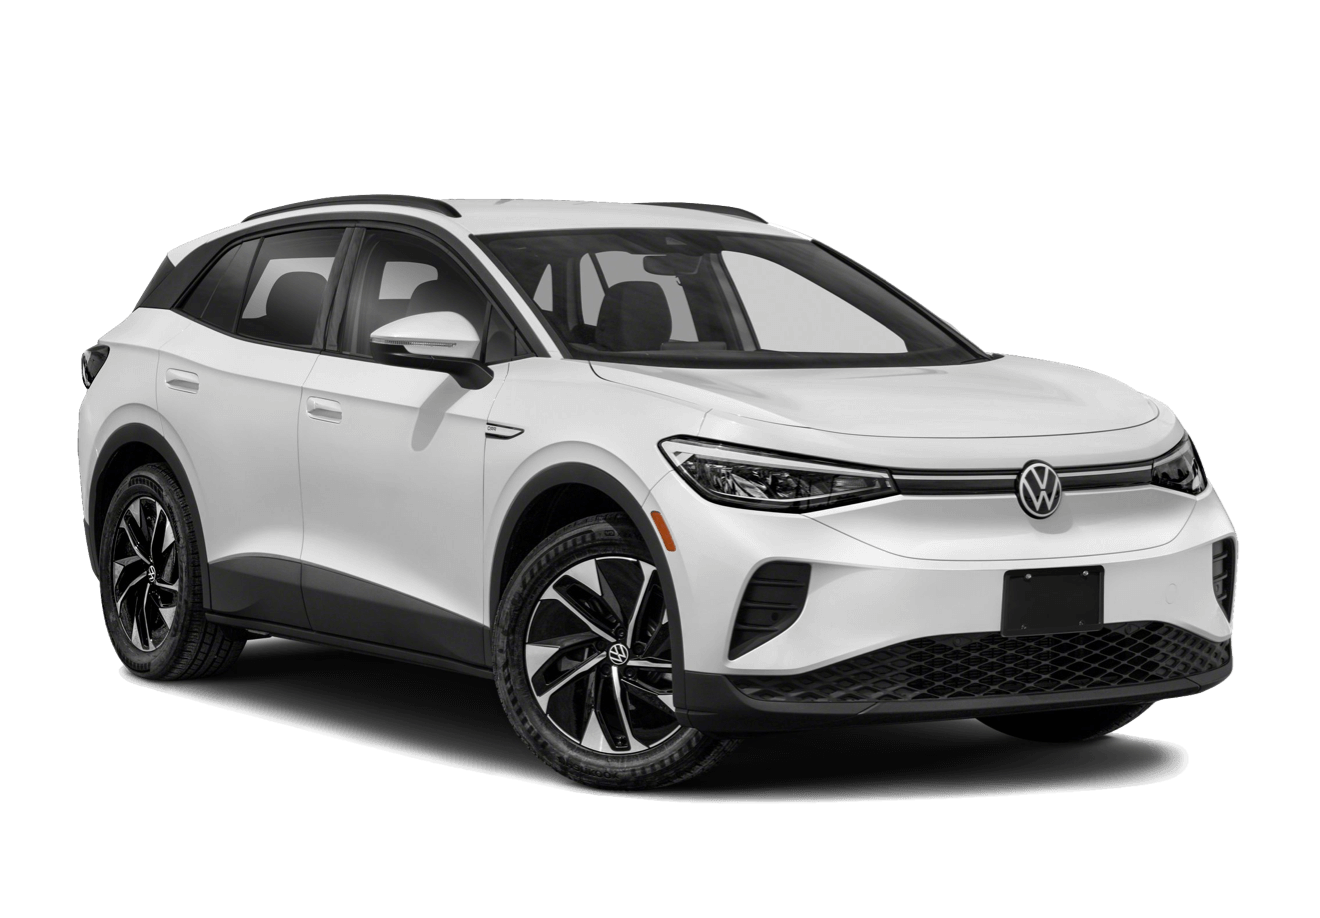 VW Car model